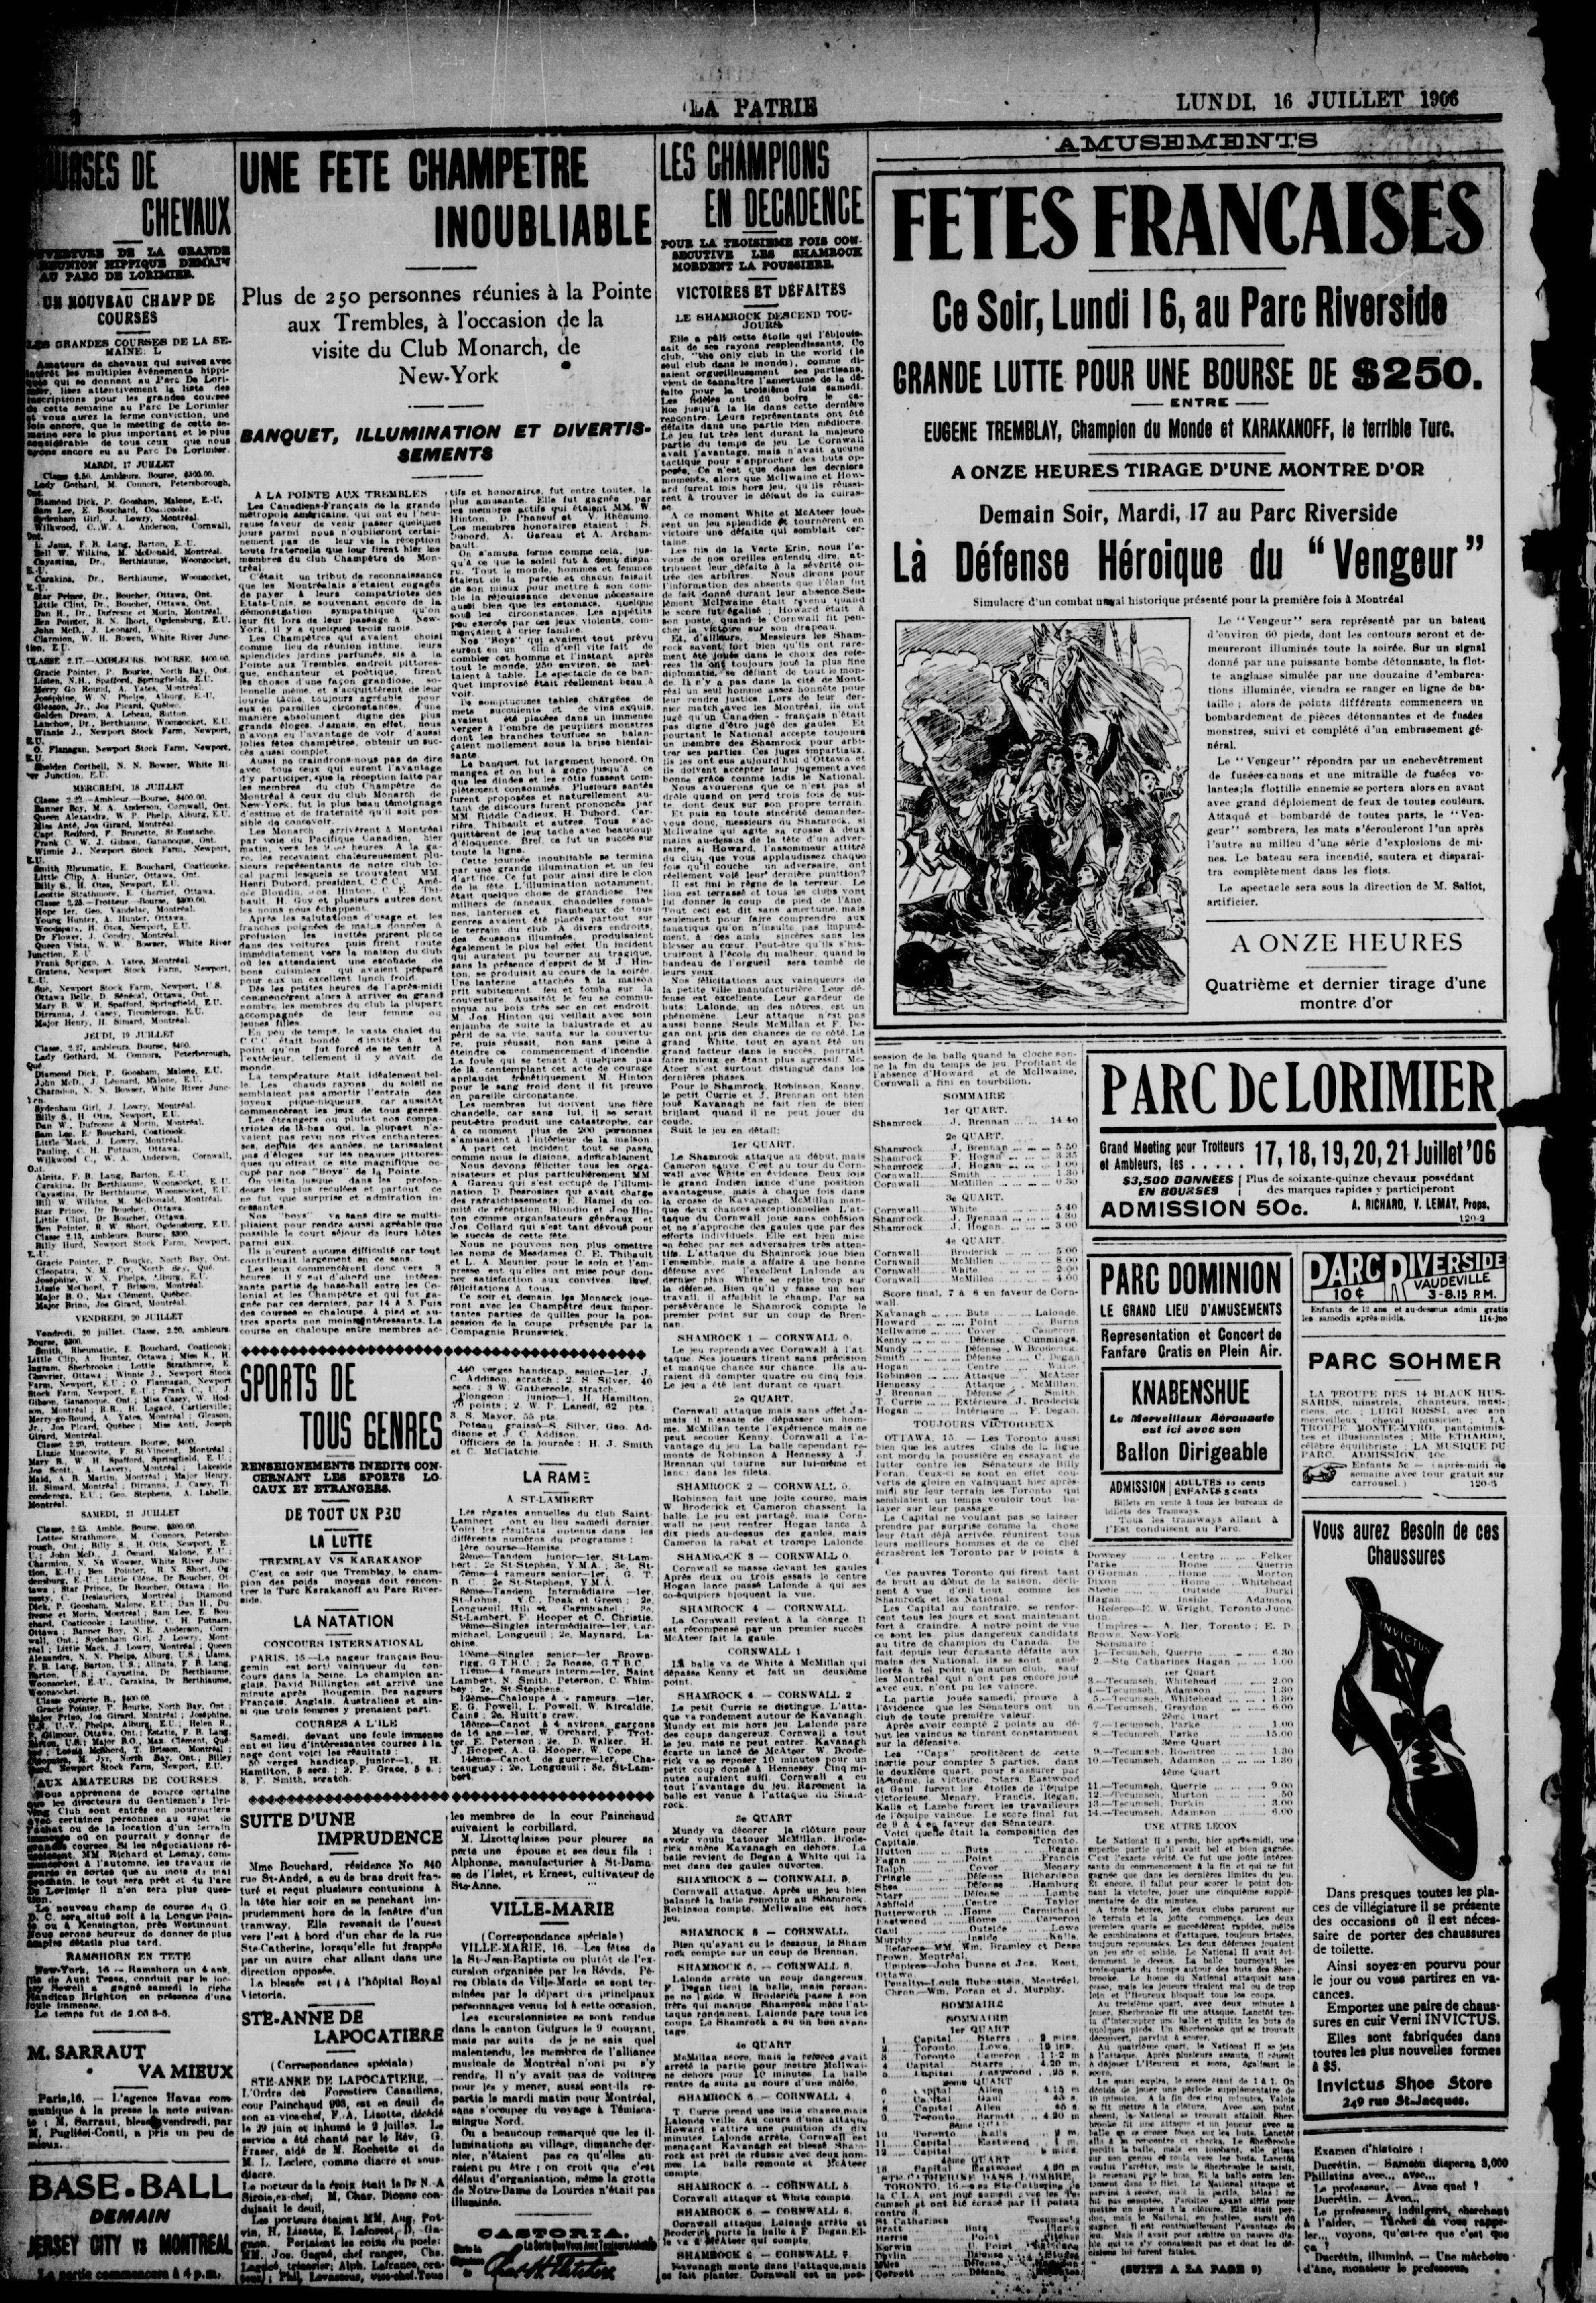 Page du journal La Patrie du 16 juillet 1906 annonçant les fêtes françaises au parc Riverside